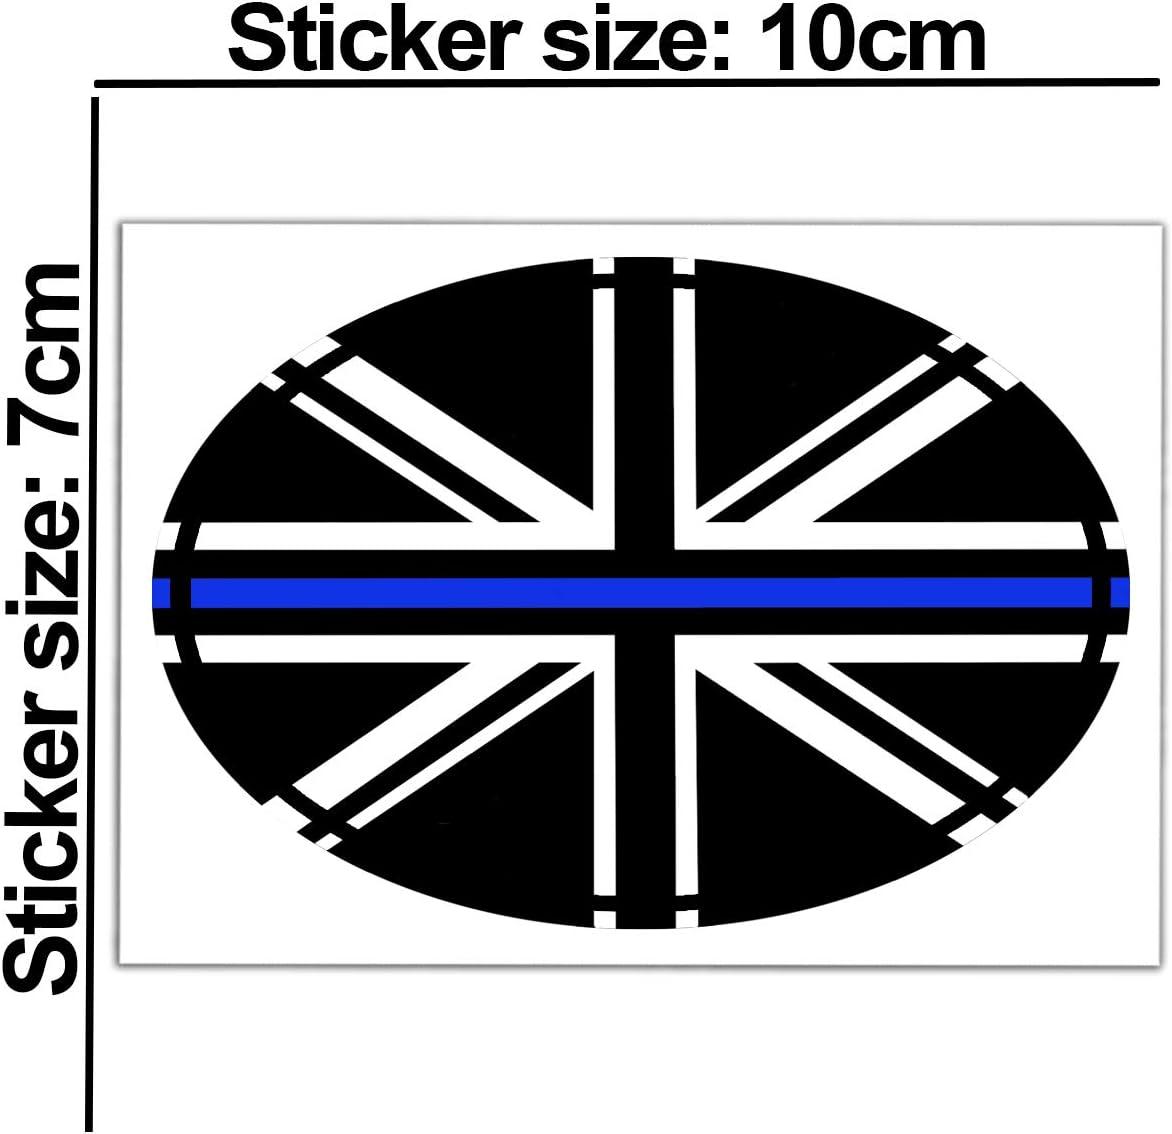 Biomar Labs/® 2 x Adesivi Vinile Ovale Bandiera Nazionale della Gran Bretagna UK Inghilterra Union Jack Thin Blue Line per Auto Moto Finestr/ìno Scooter Bici Motociclo Tuning B 240